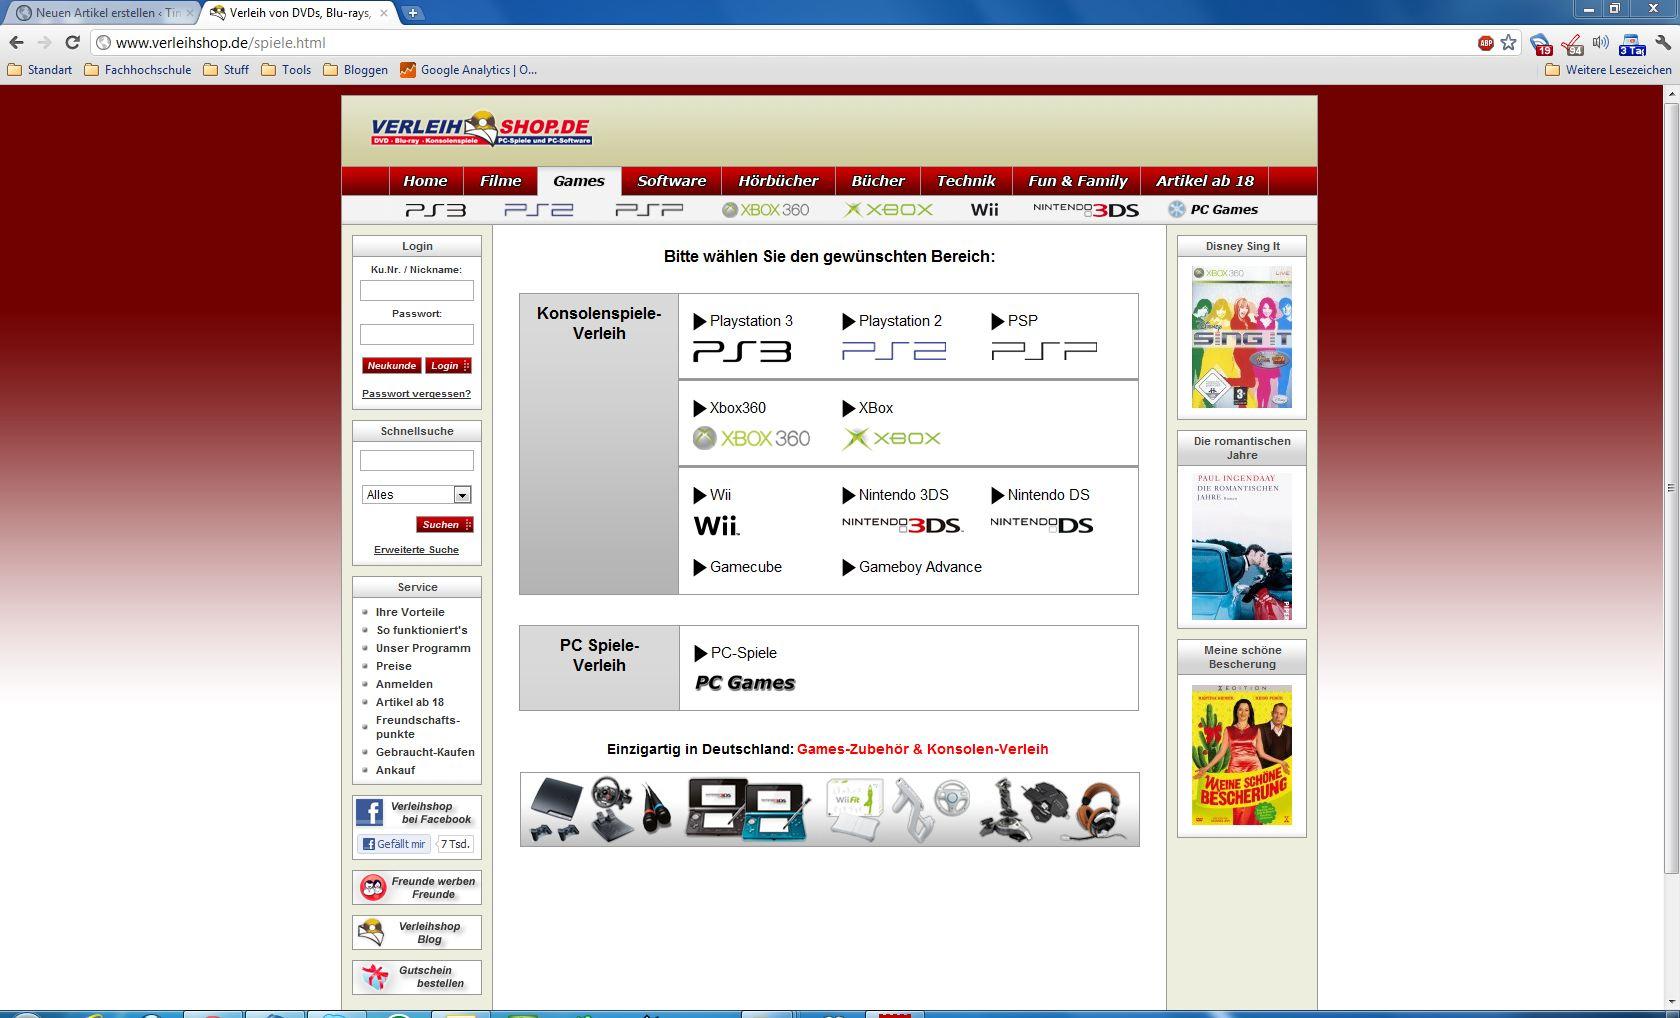 Online Videothek Verleihshopde Im Test